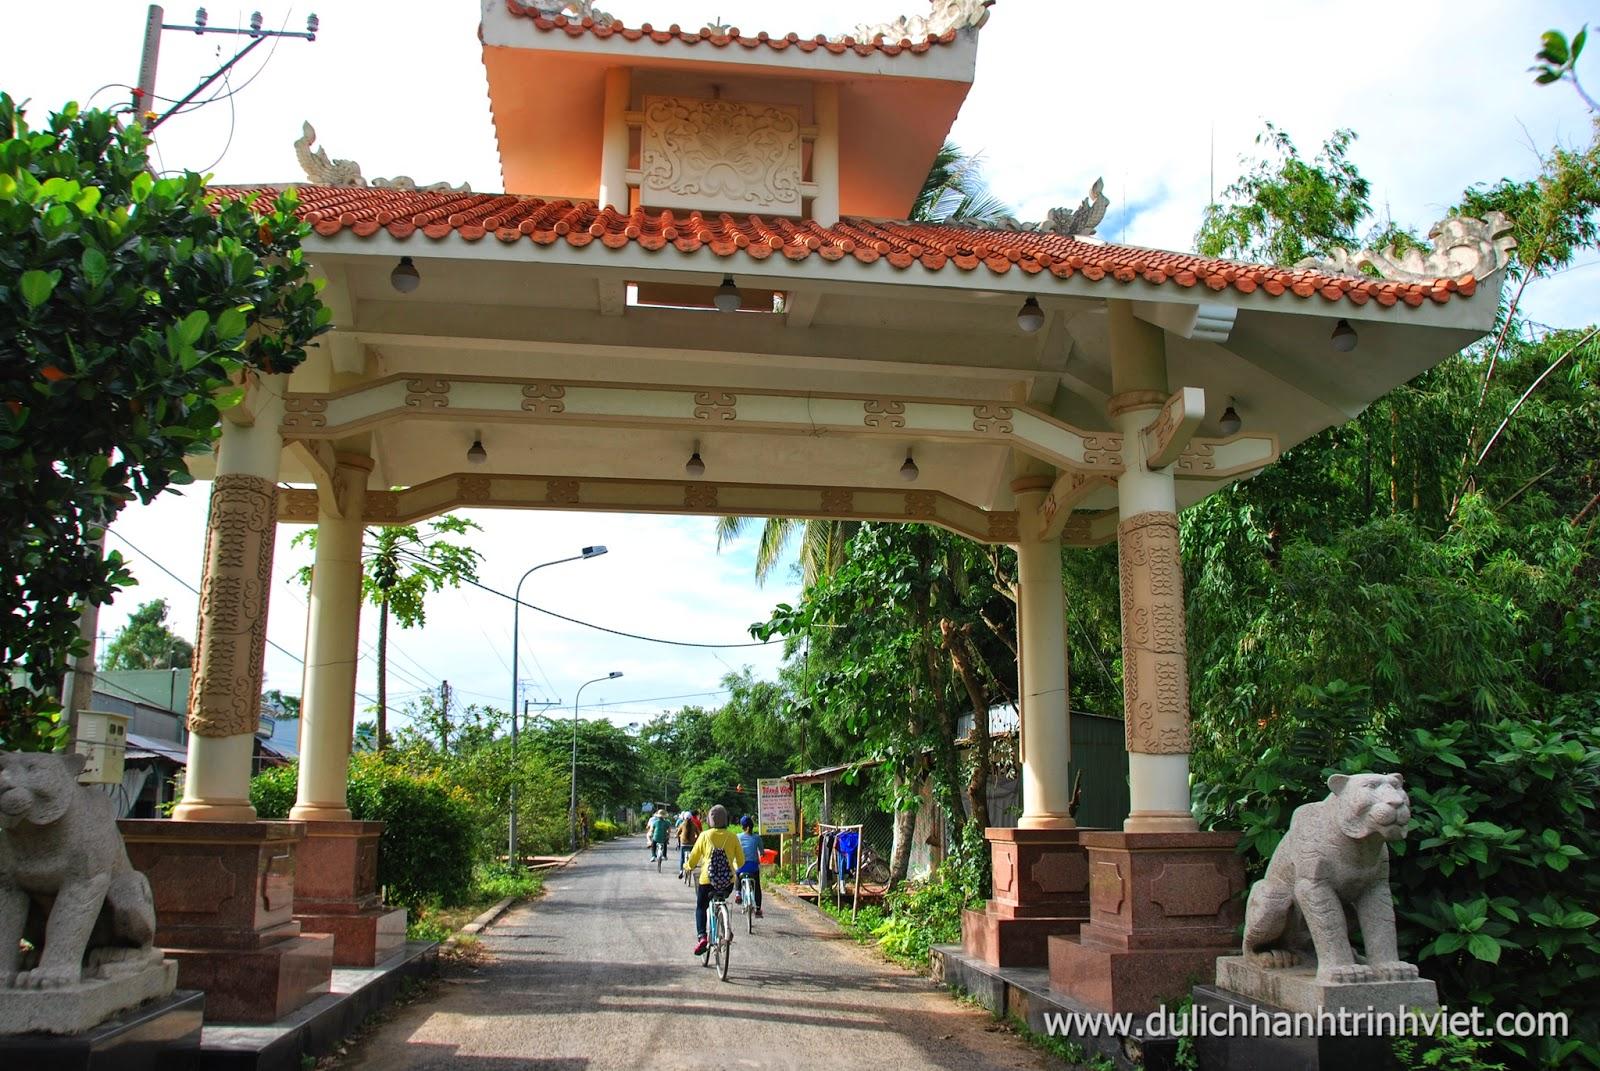 Tour xe đạp ở Cù lao Ông Hổ 2014